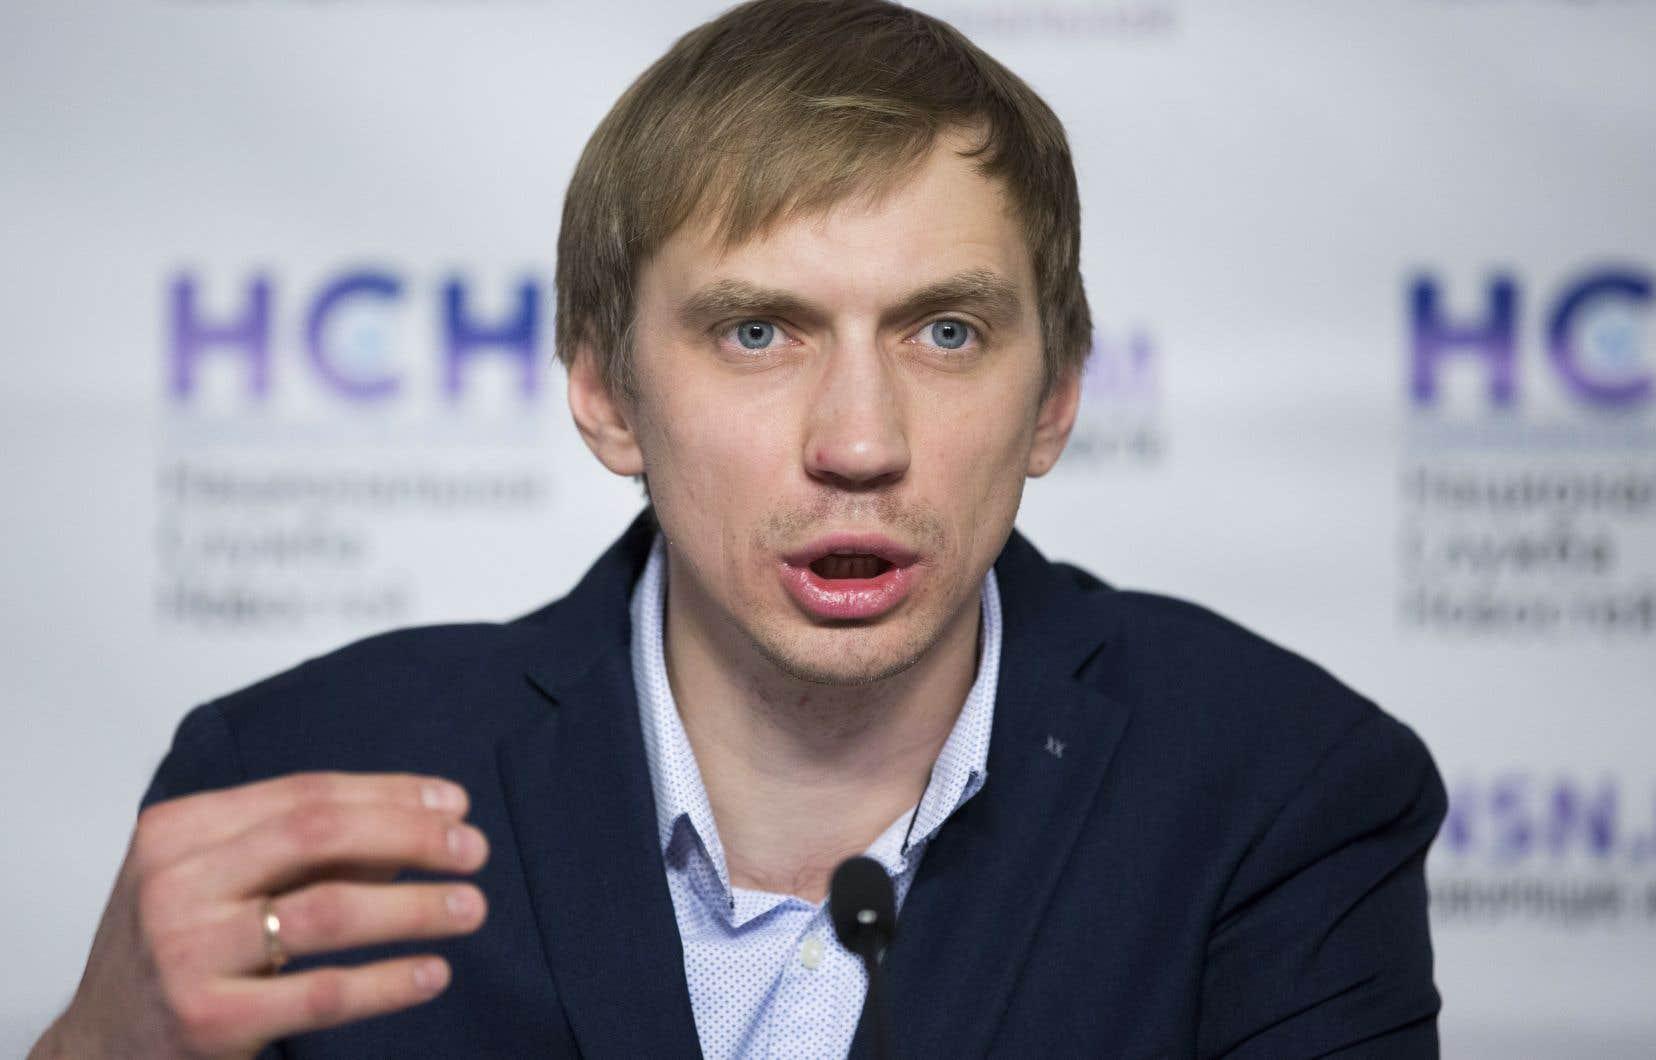 Le vice-président de la Fédération russe d'athlétisme, Andrei Silnov,a dit avoir reçu une note de l'Unité d'intégrité de l'athlétisme (UIA), qui enquête sur les cas de dopage en athlétisme, pour lui signifier qu'il faisait l'objet d'une enquête confidentielle.